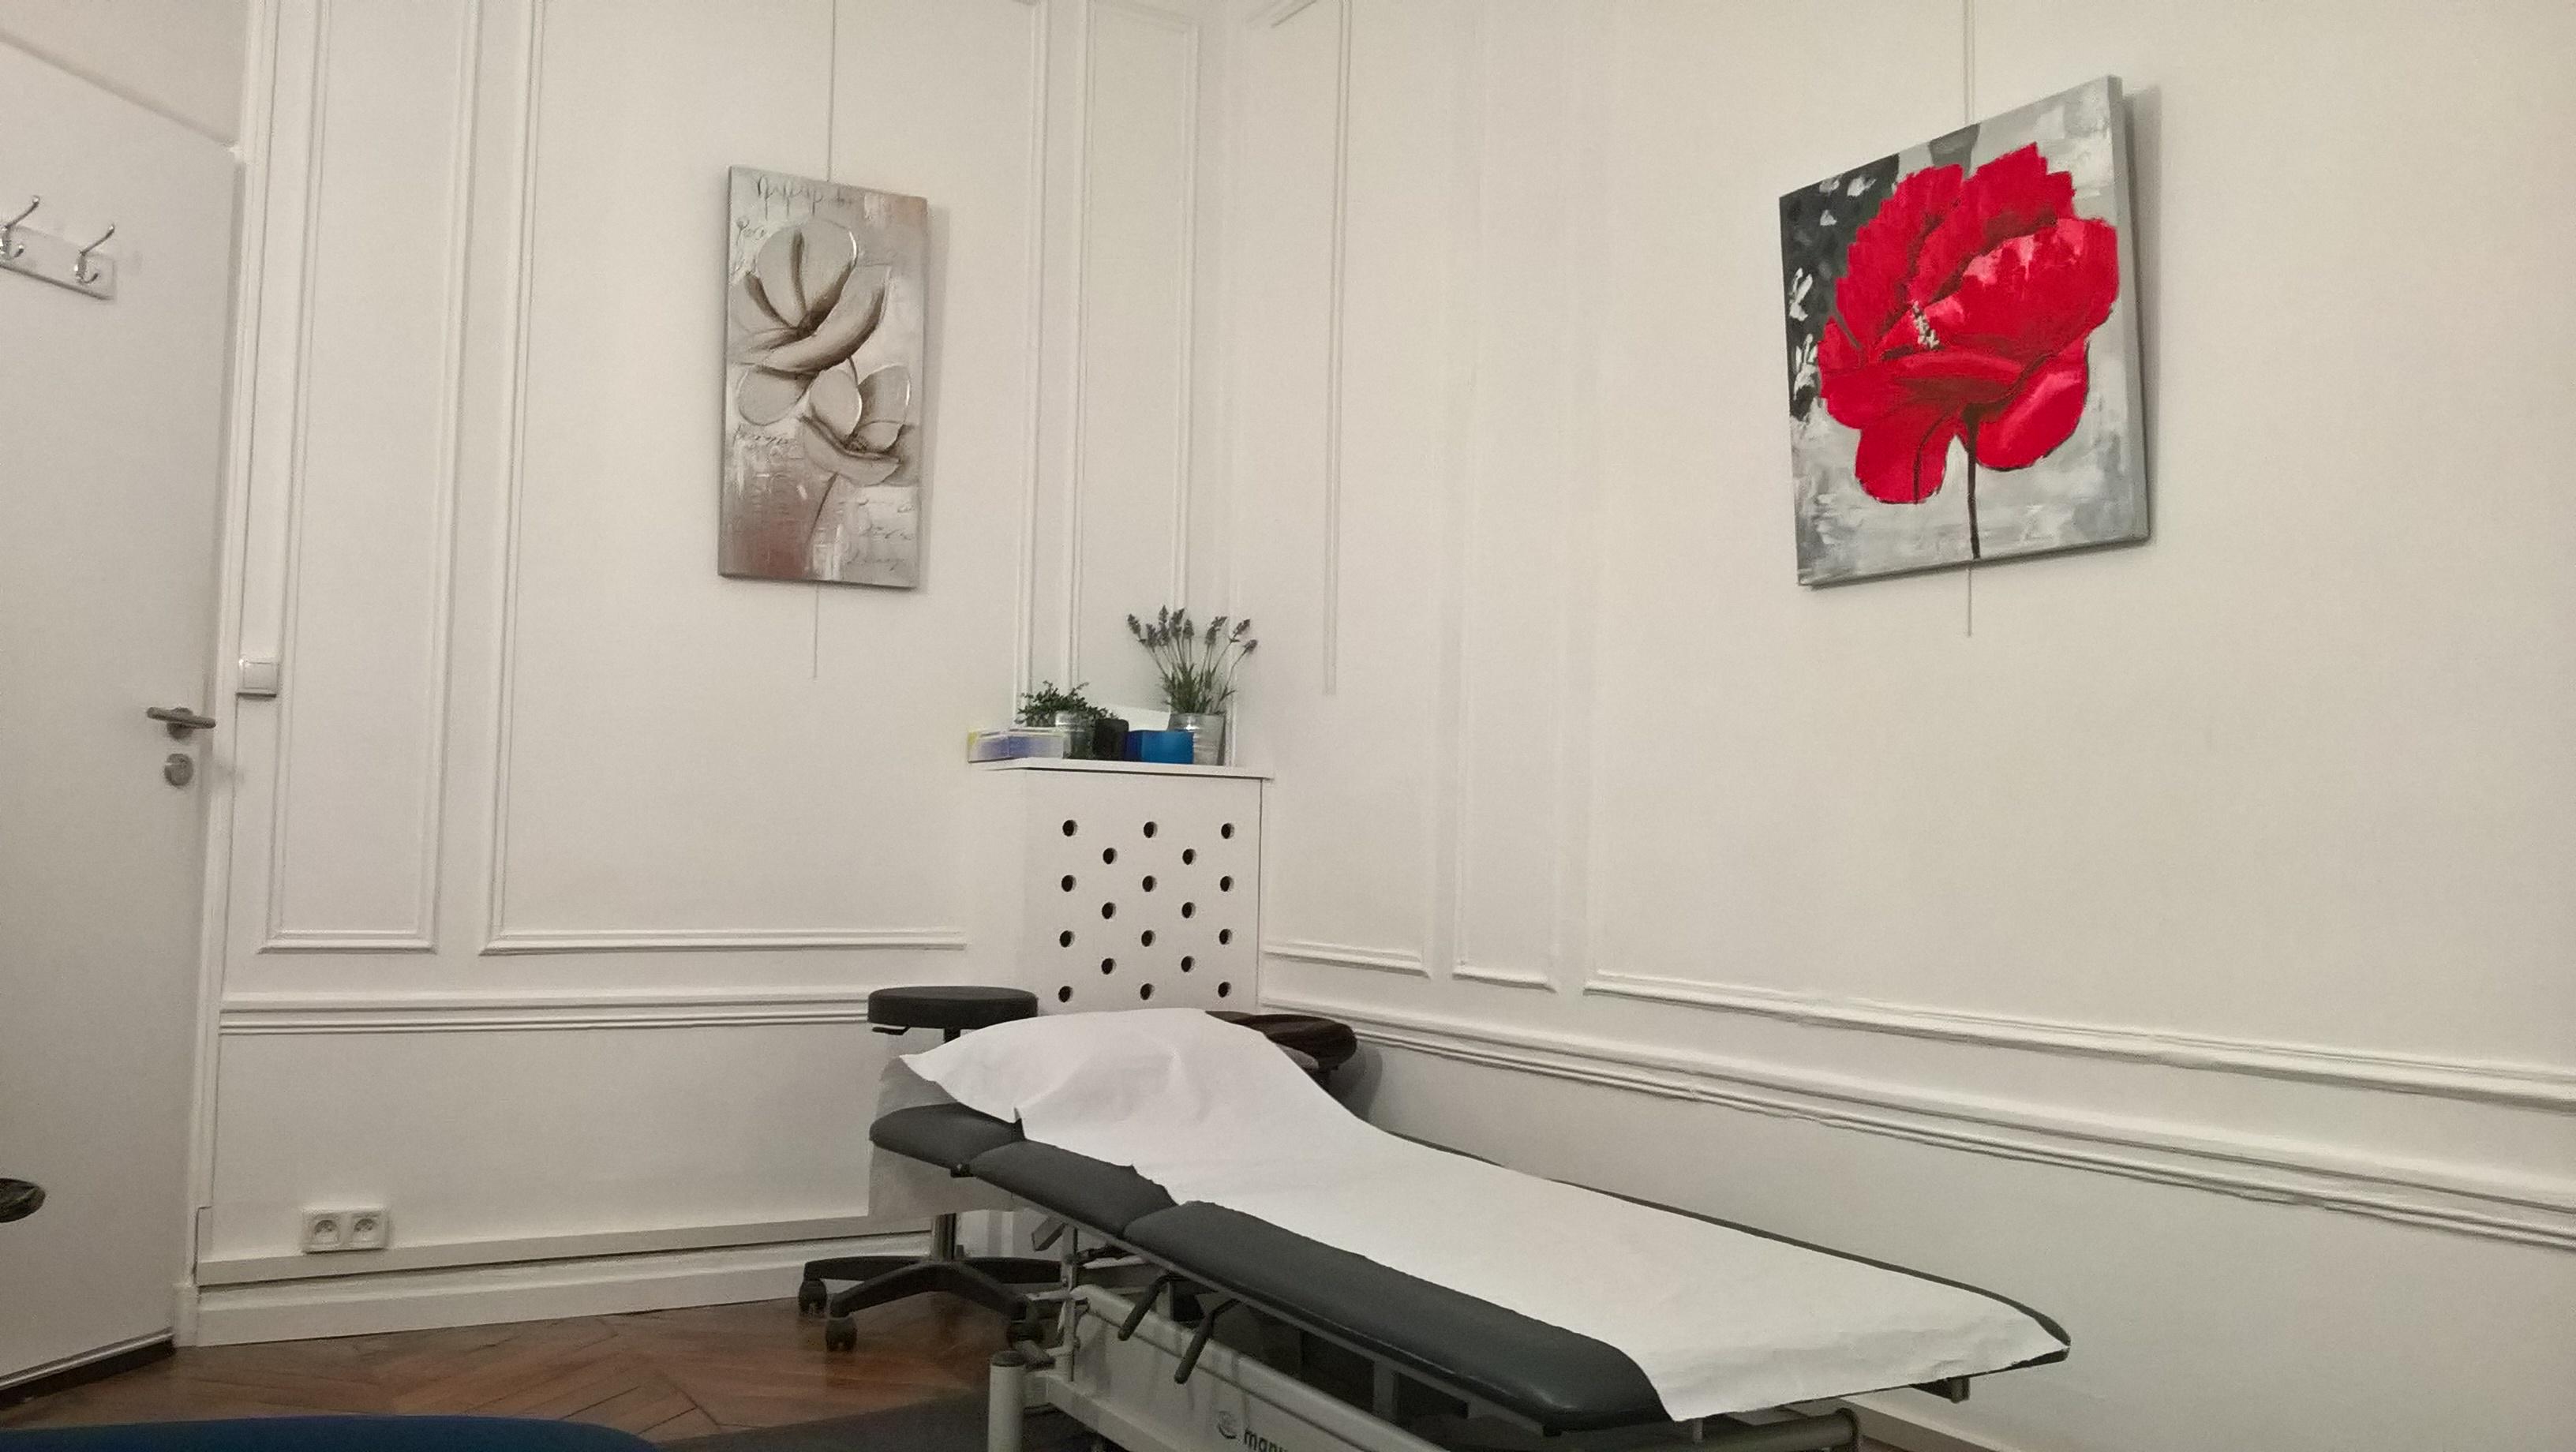 R servation ost opathe en cabinet sur ost o a paris - Cabinet medical paris 13 ...